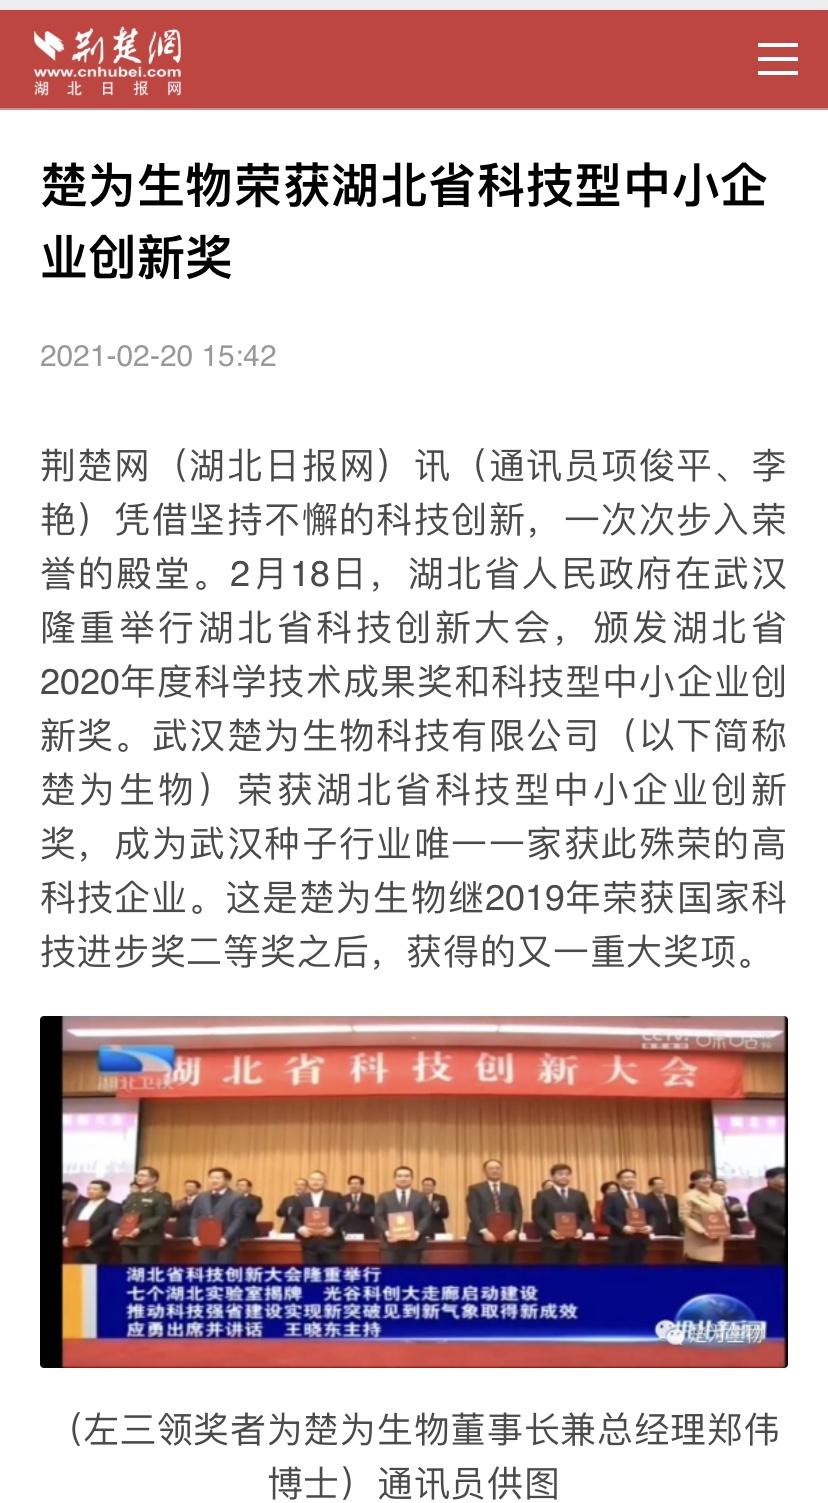 楚为生物荣获湖北省科技型中小企业创新奖